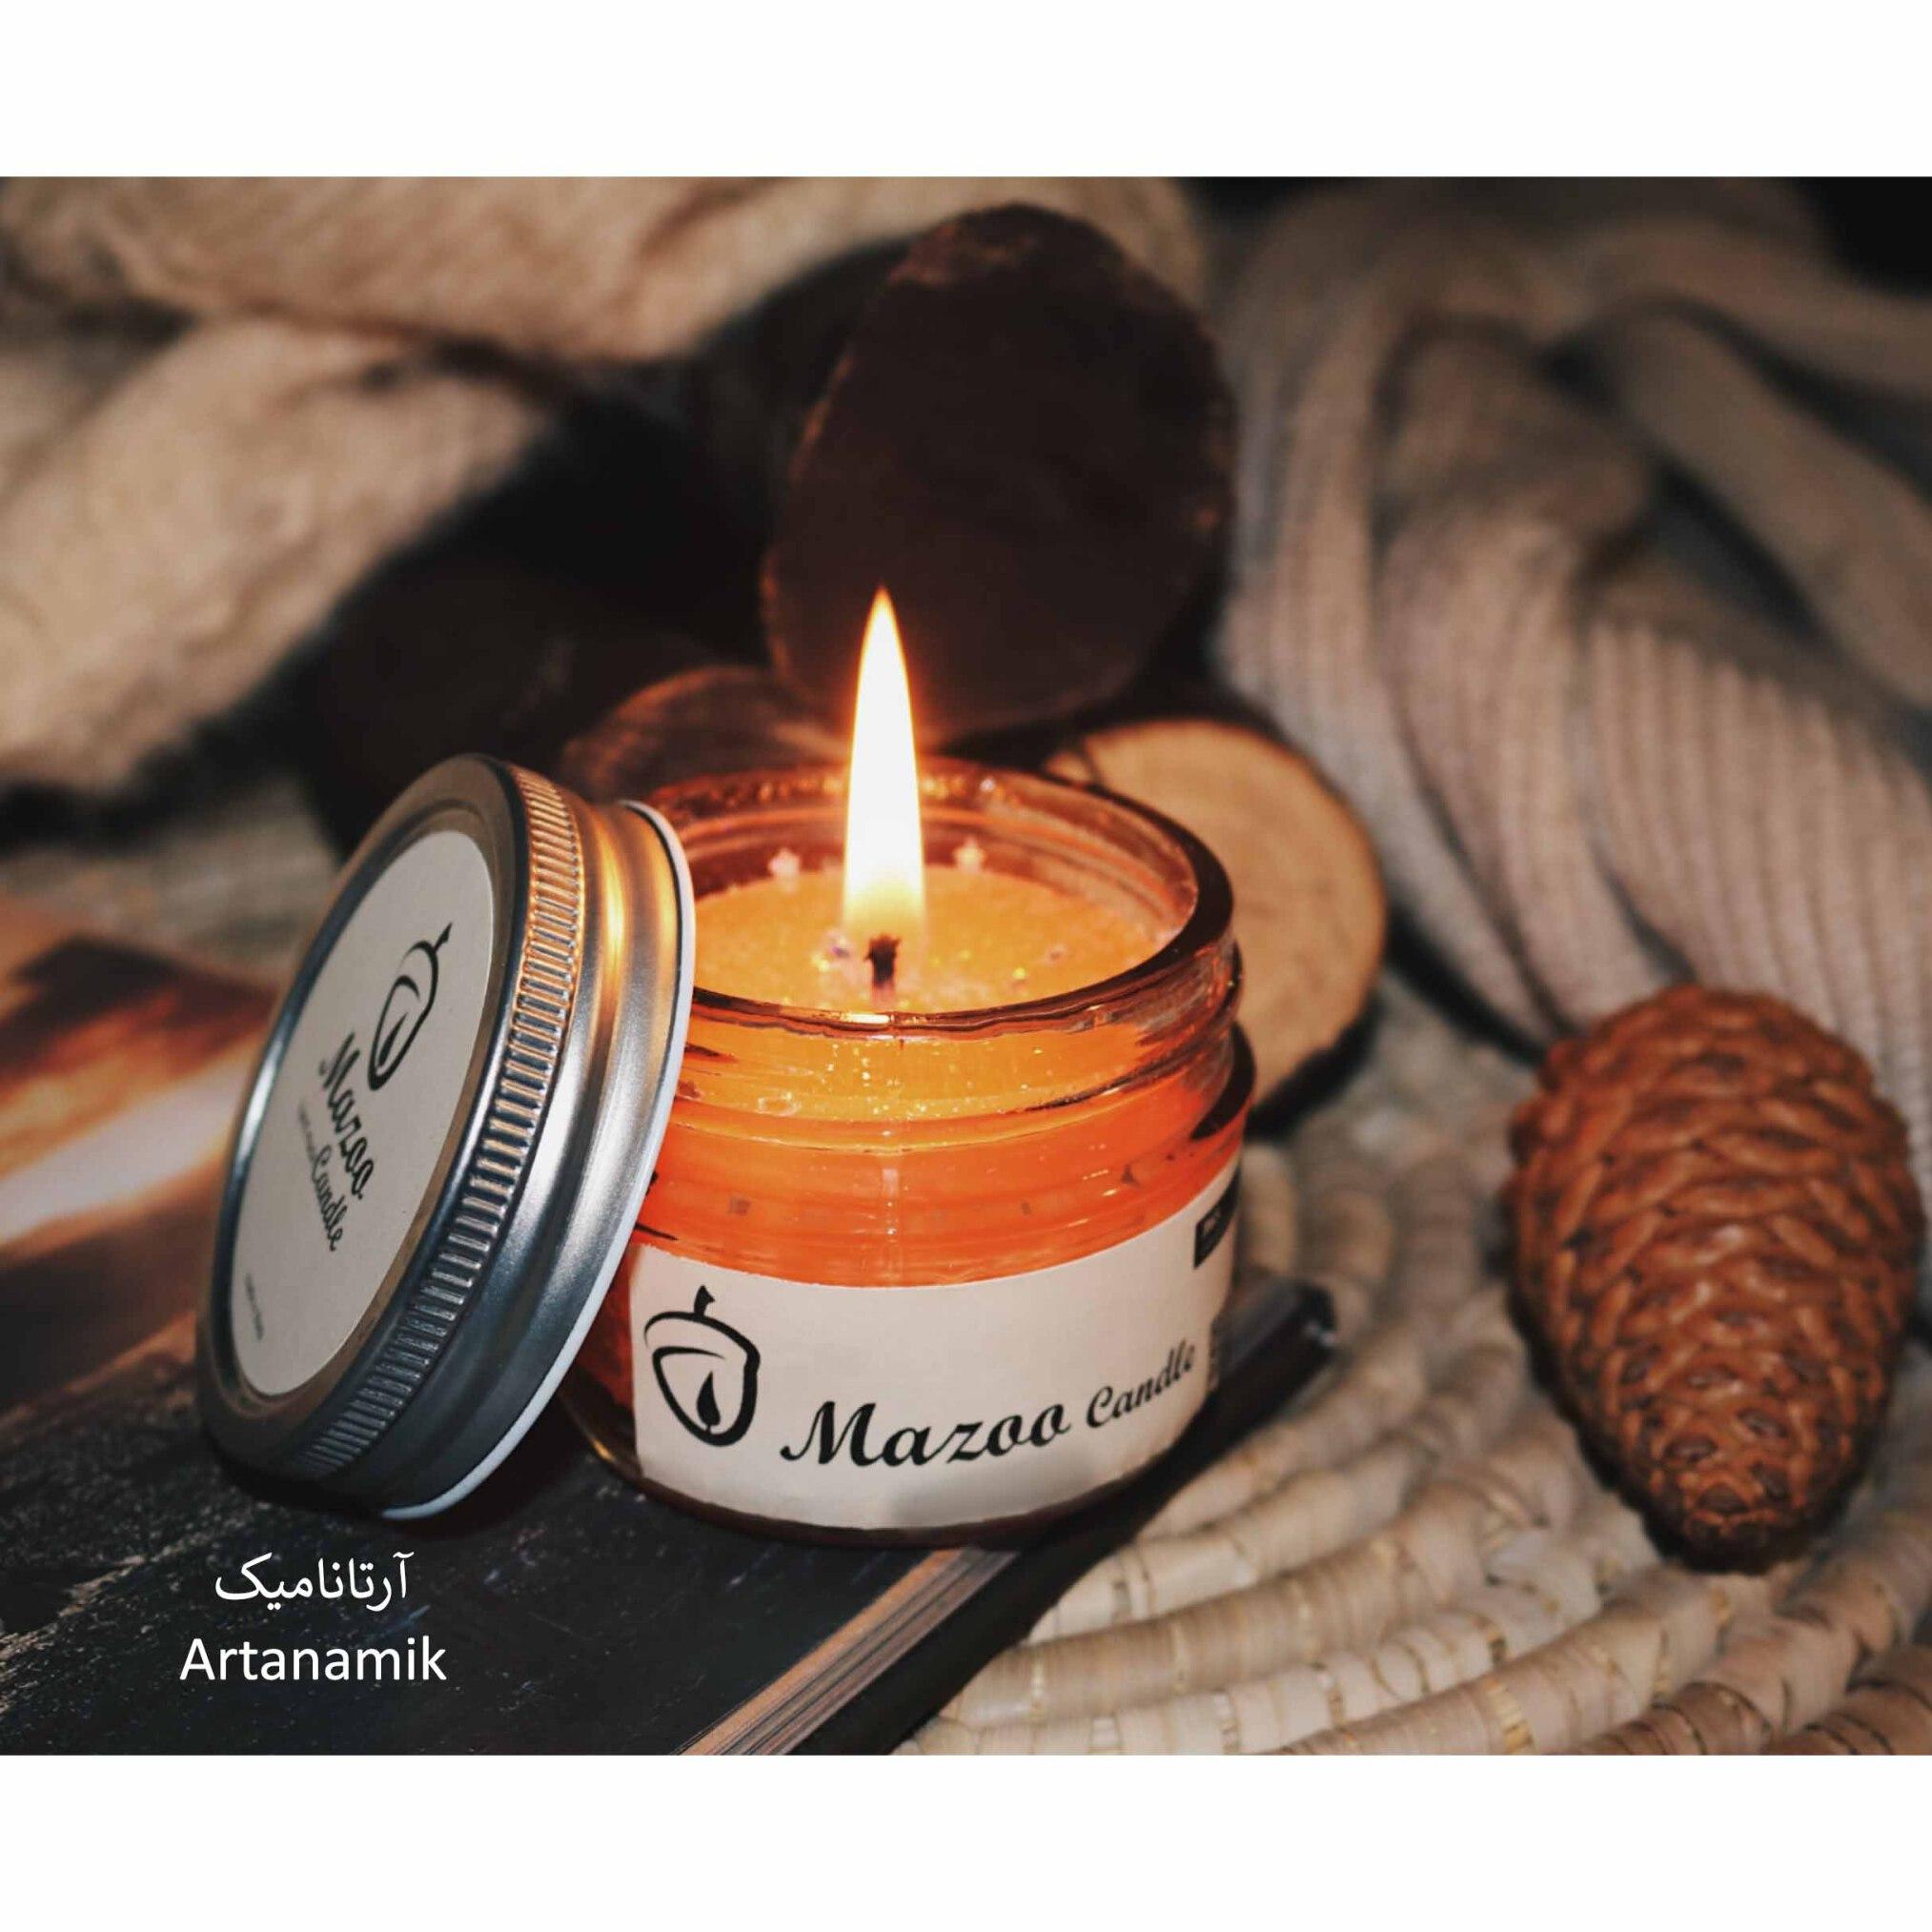 خرید شمع کادویی معطر با رنگ ها و رایحه های مختلف، شمع با کیفیت، شمع دکوری